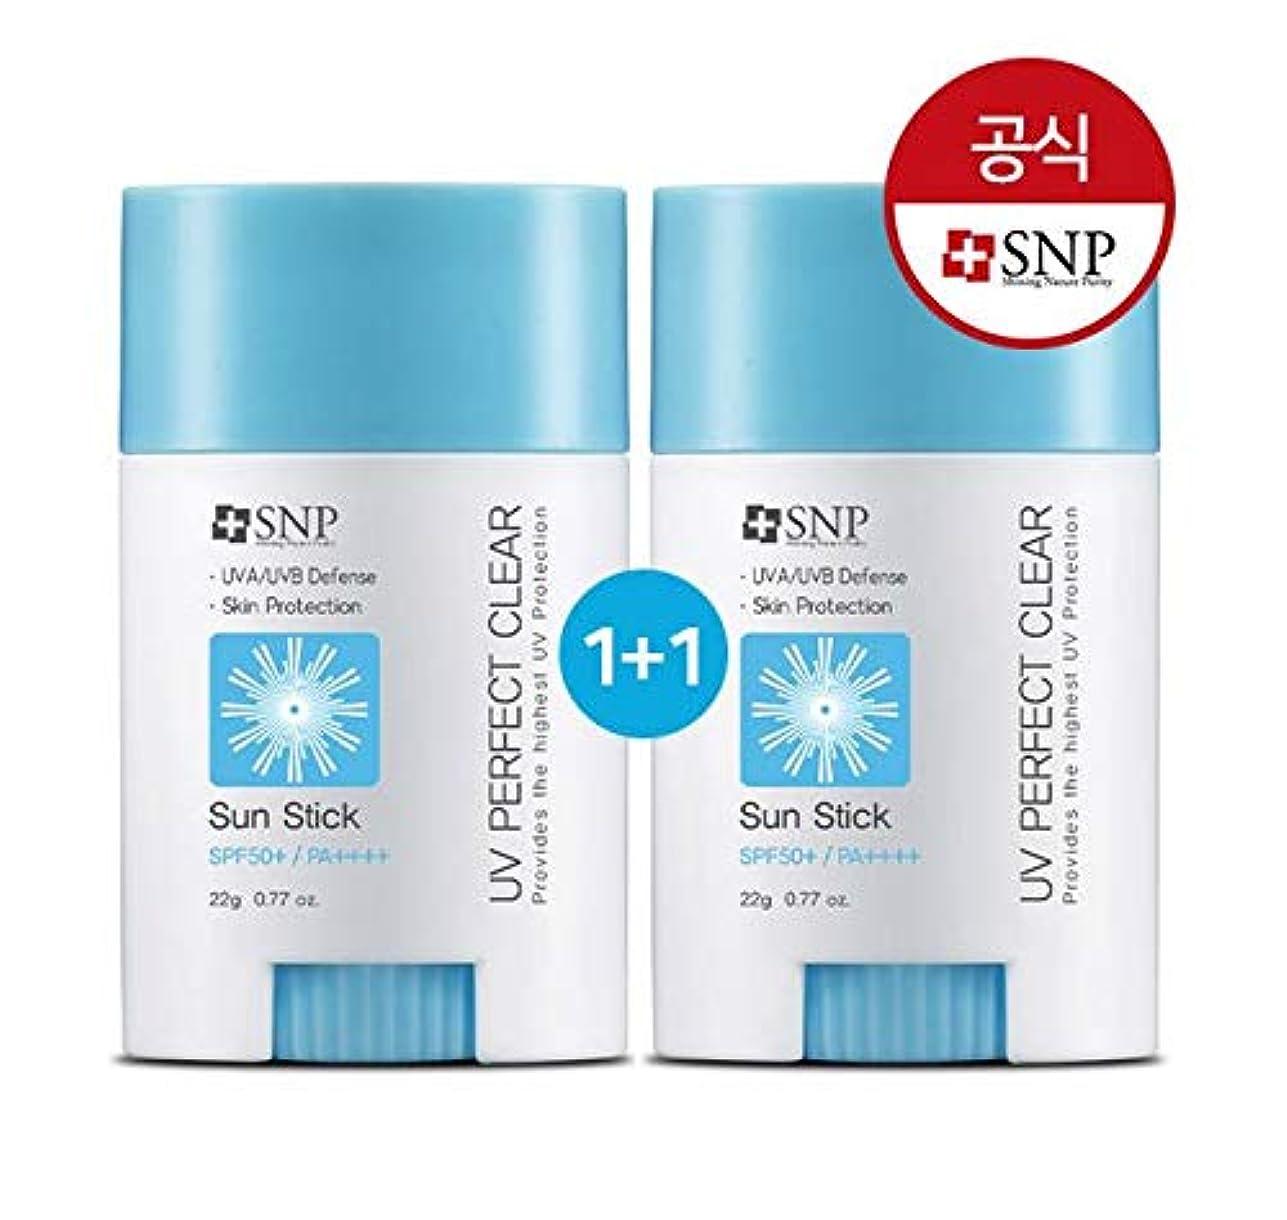 もっと特権的アジテーション[ 1 + 1 ] エスエンピ(SNP) UV パーフェクト クリア 日焼け止めスティック22g (SPF50+ PA++++) / UV PERFECT CLEAR SUN STICK/韓国日焼け止め